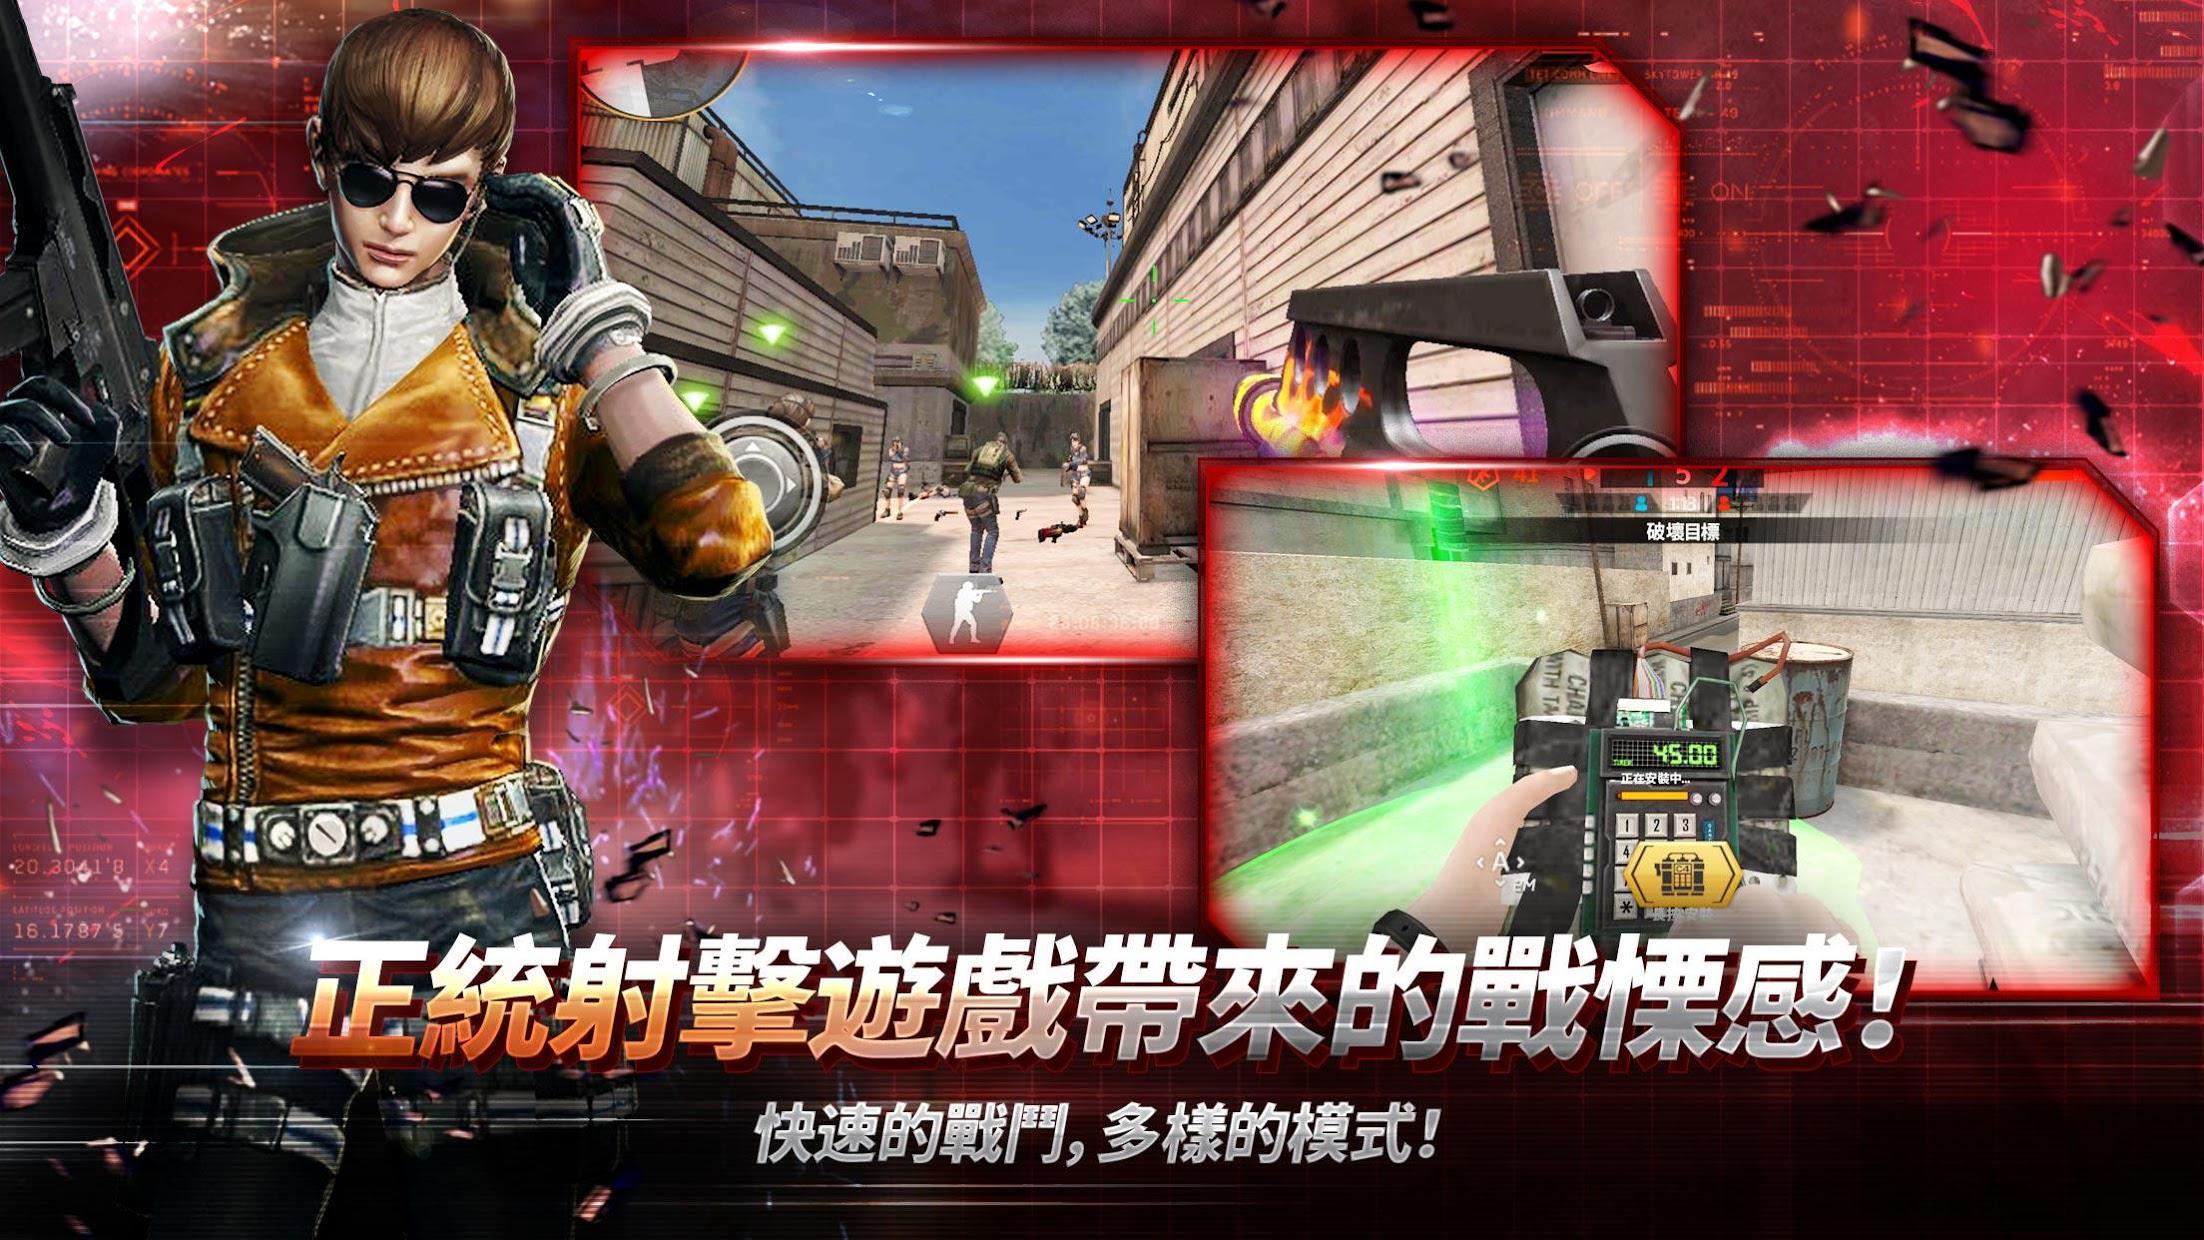 虚幻战场:生化城市 游戏截图2